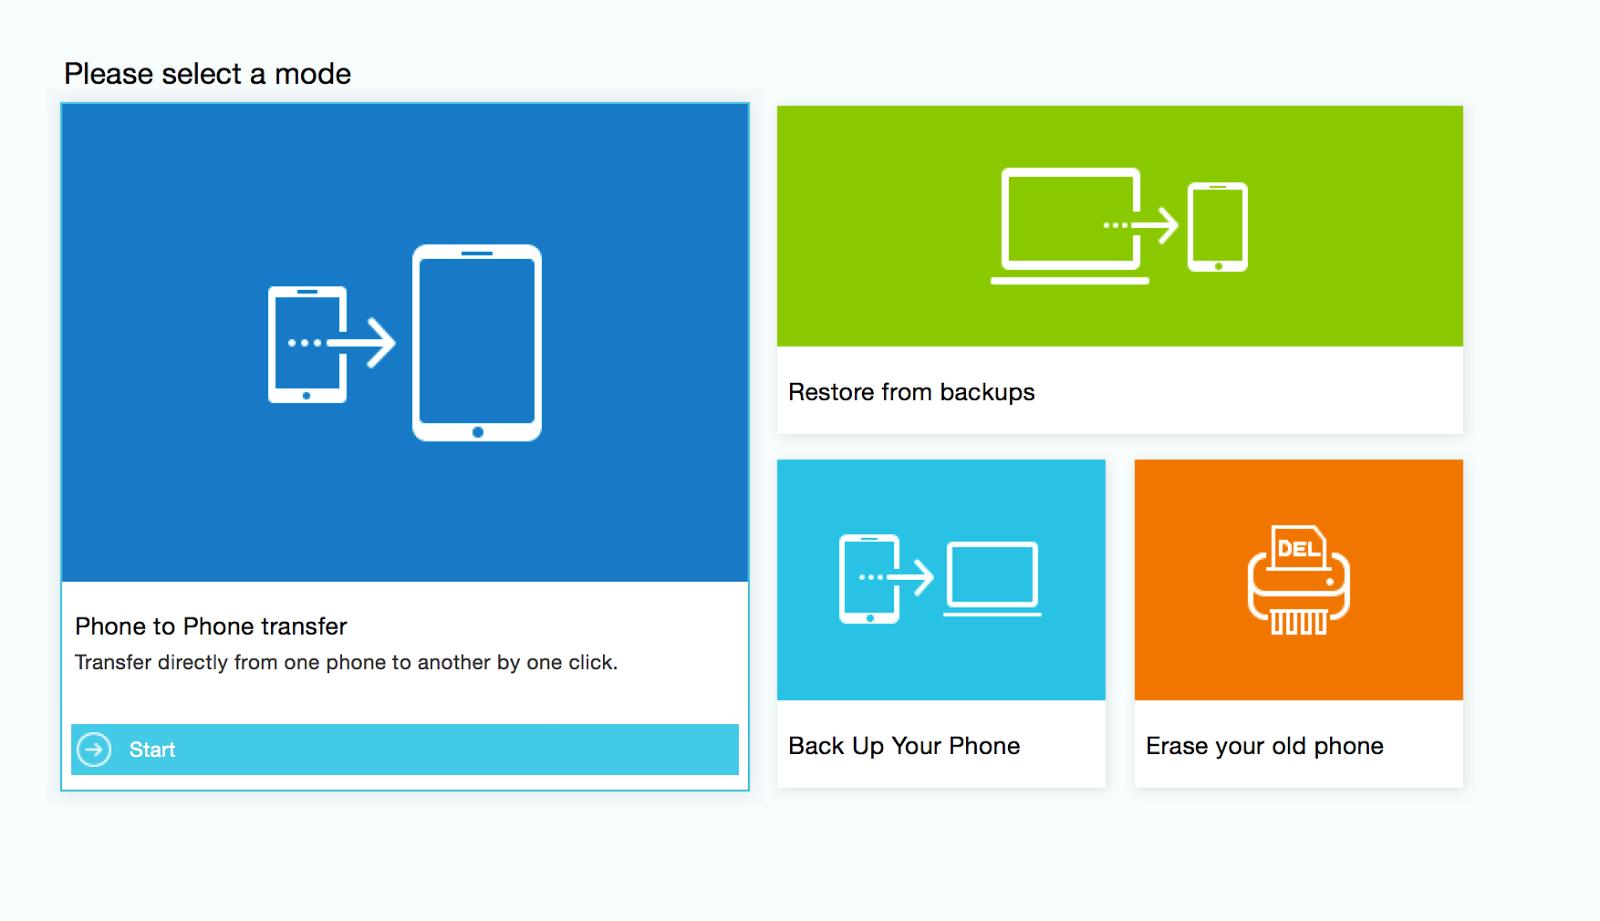 تعرف على برنامج Wondershare MobileTrans لإدارة الهواتف على الماك و الويندوز